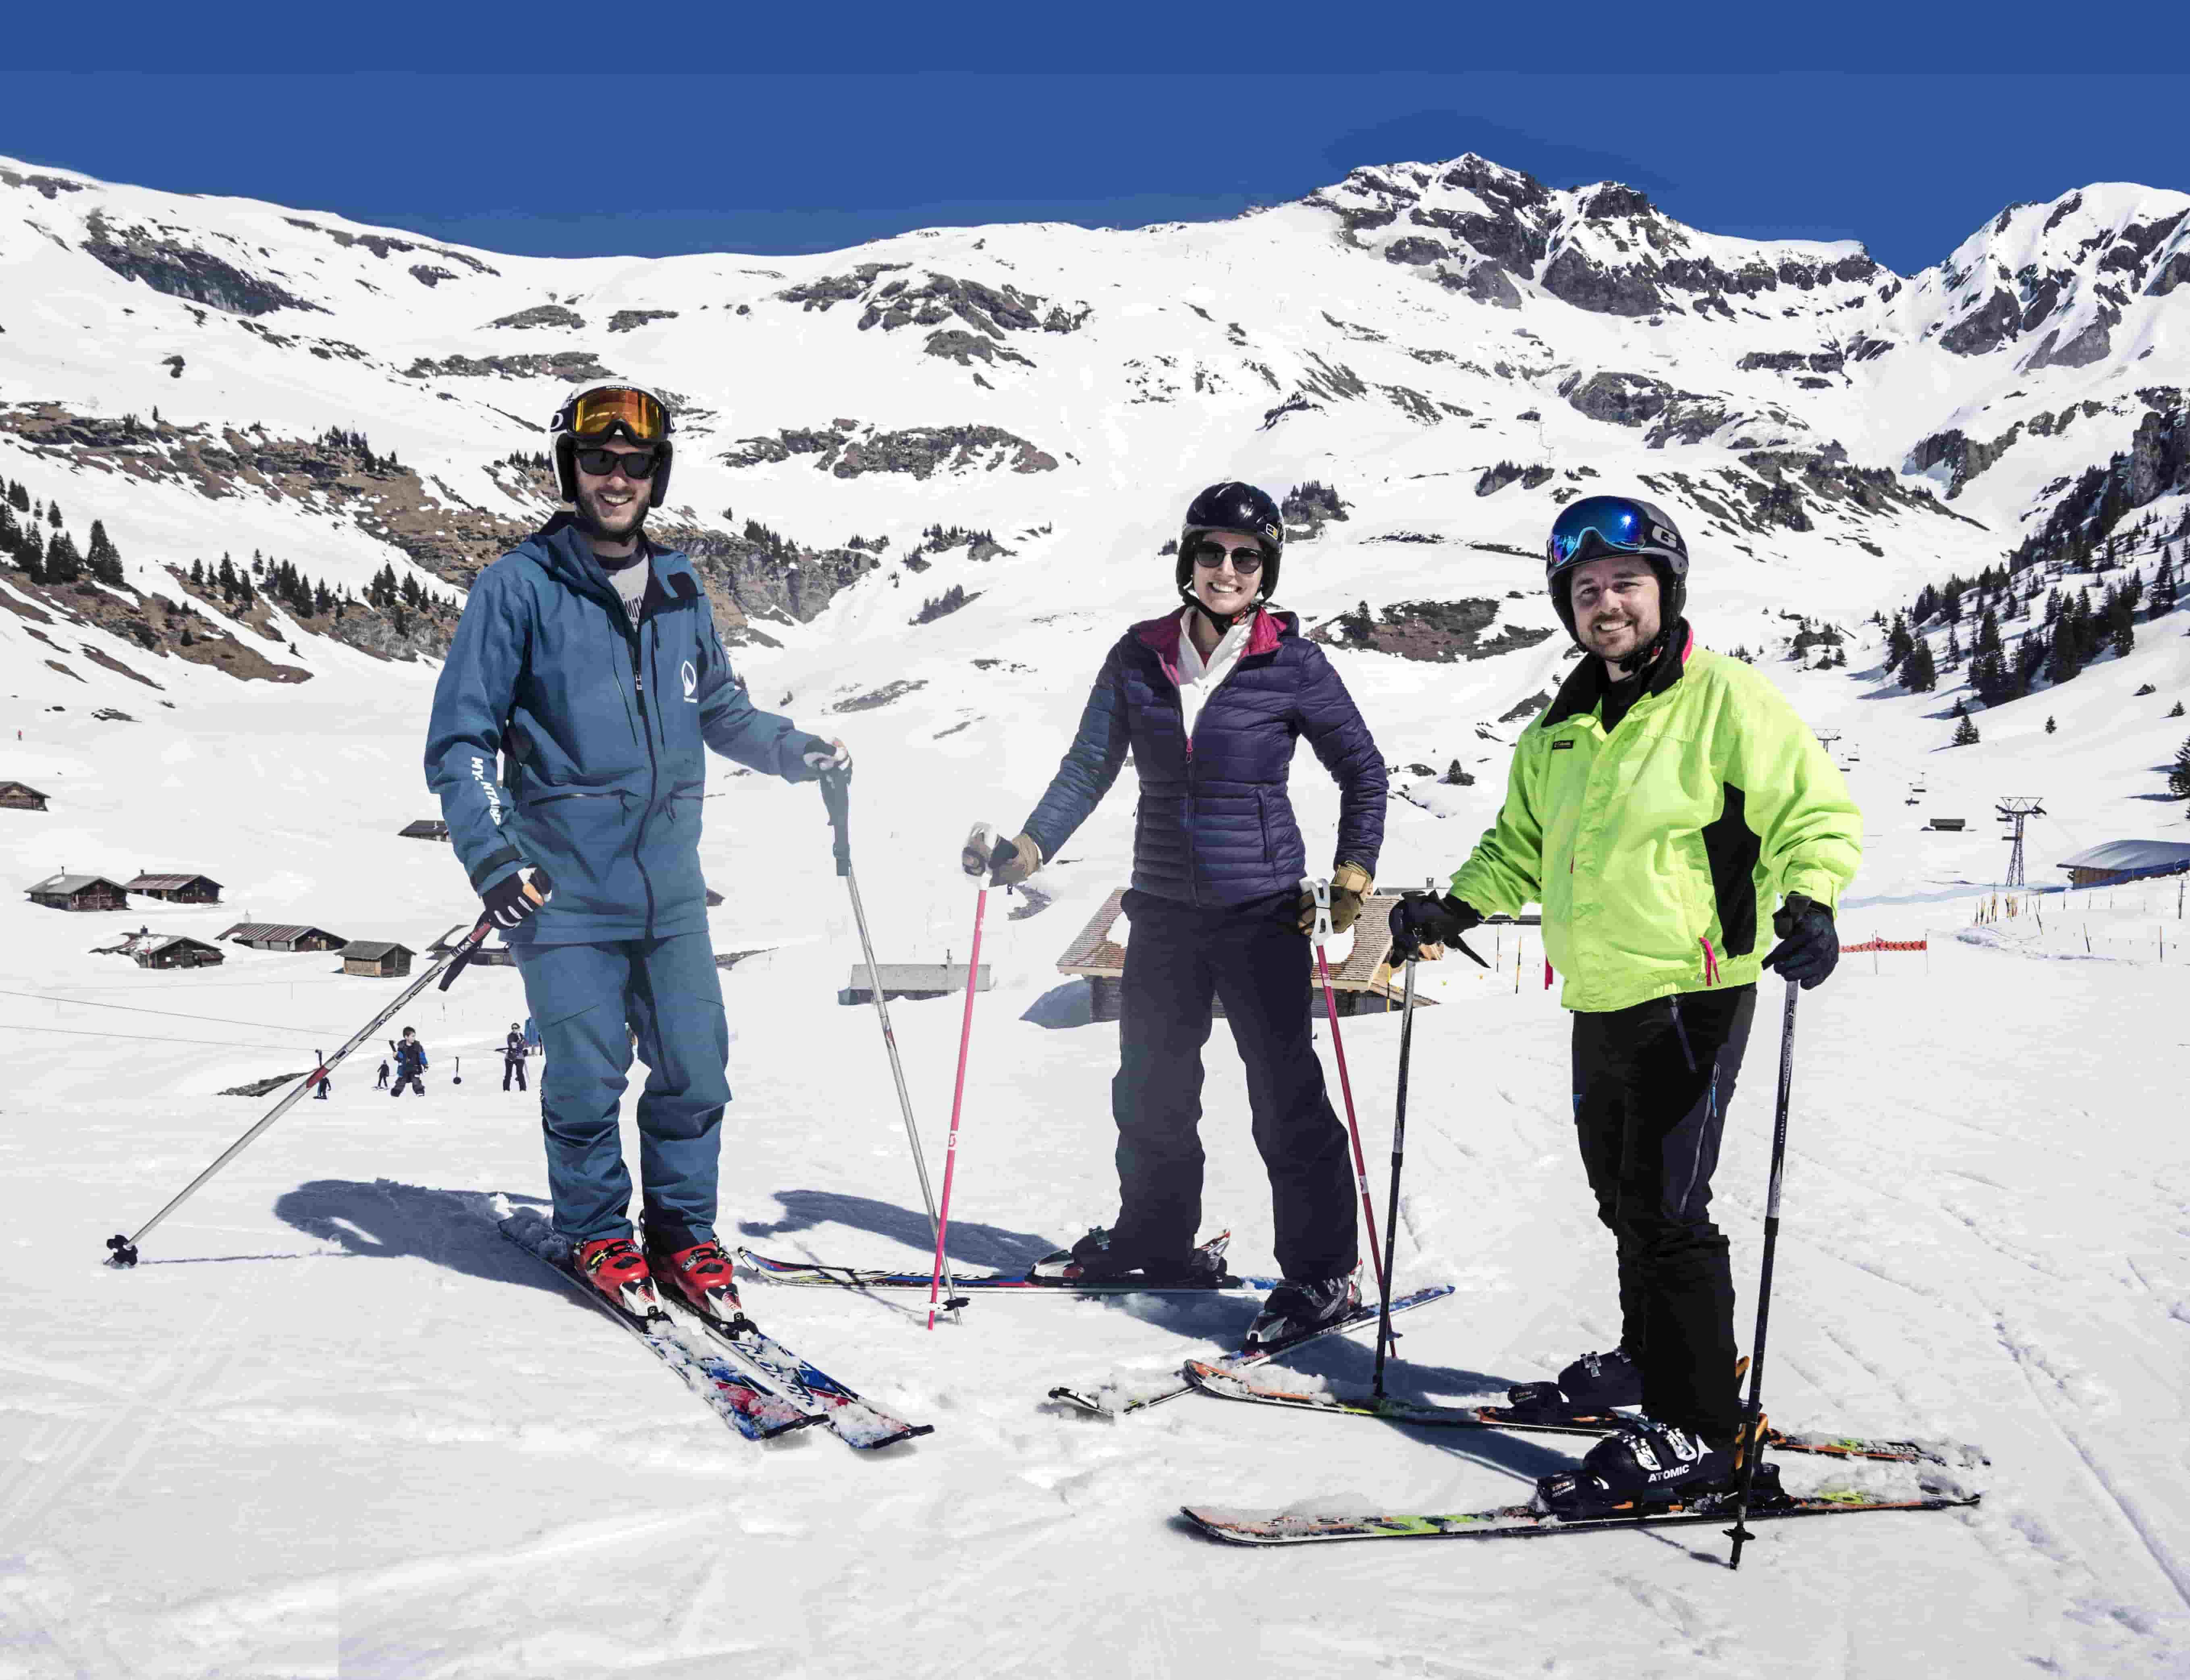 swiss alps ski trip 10 days